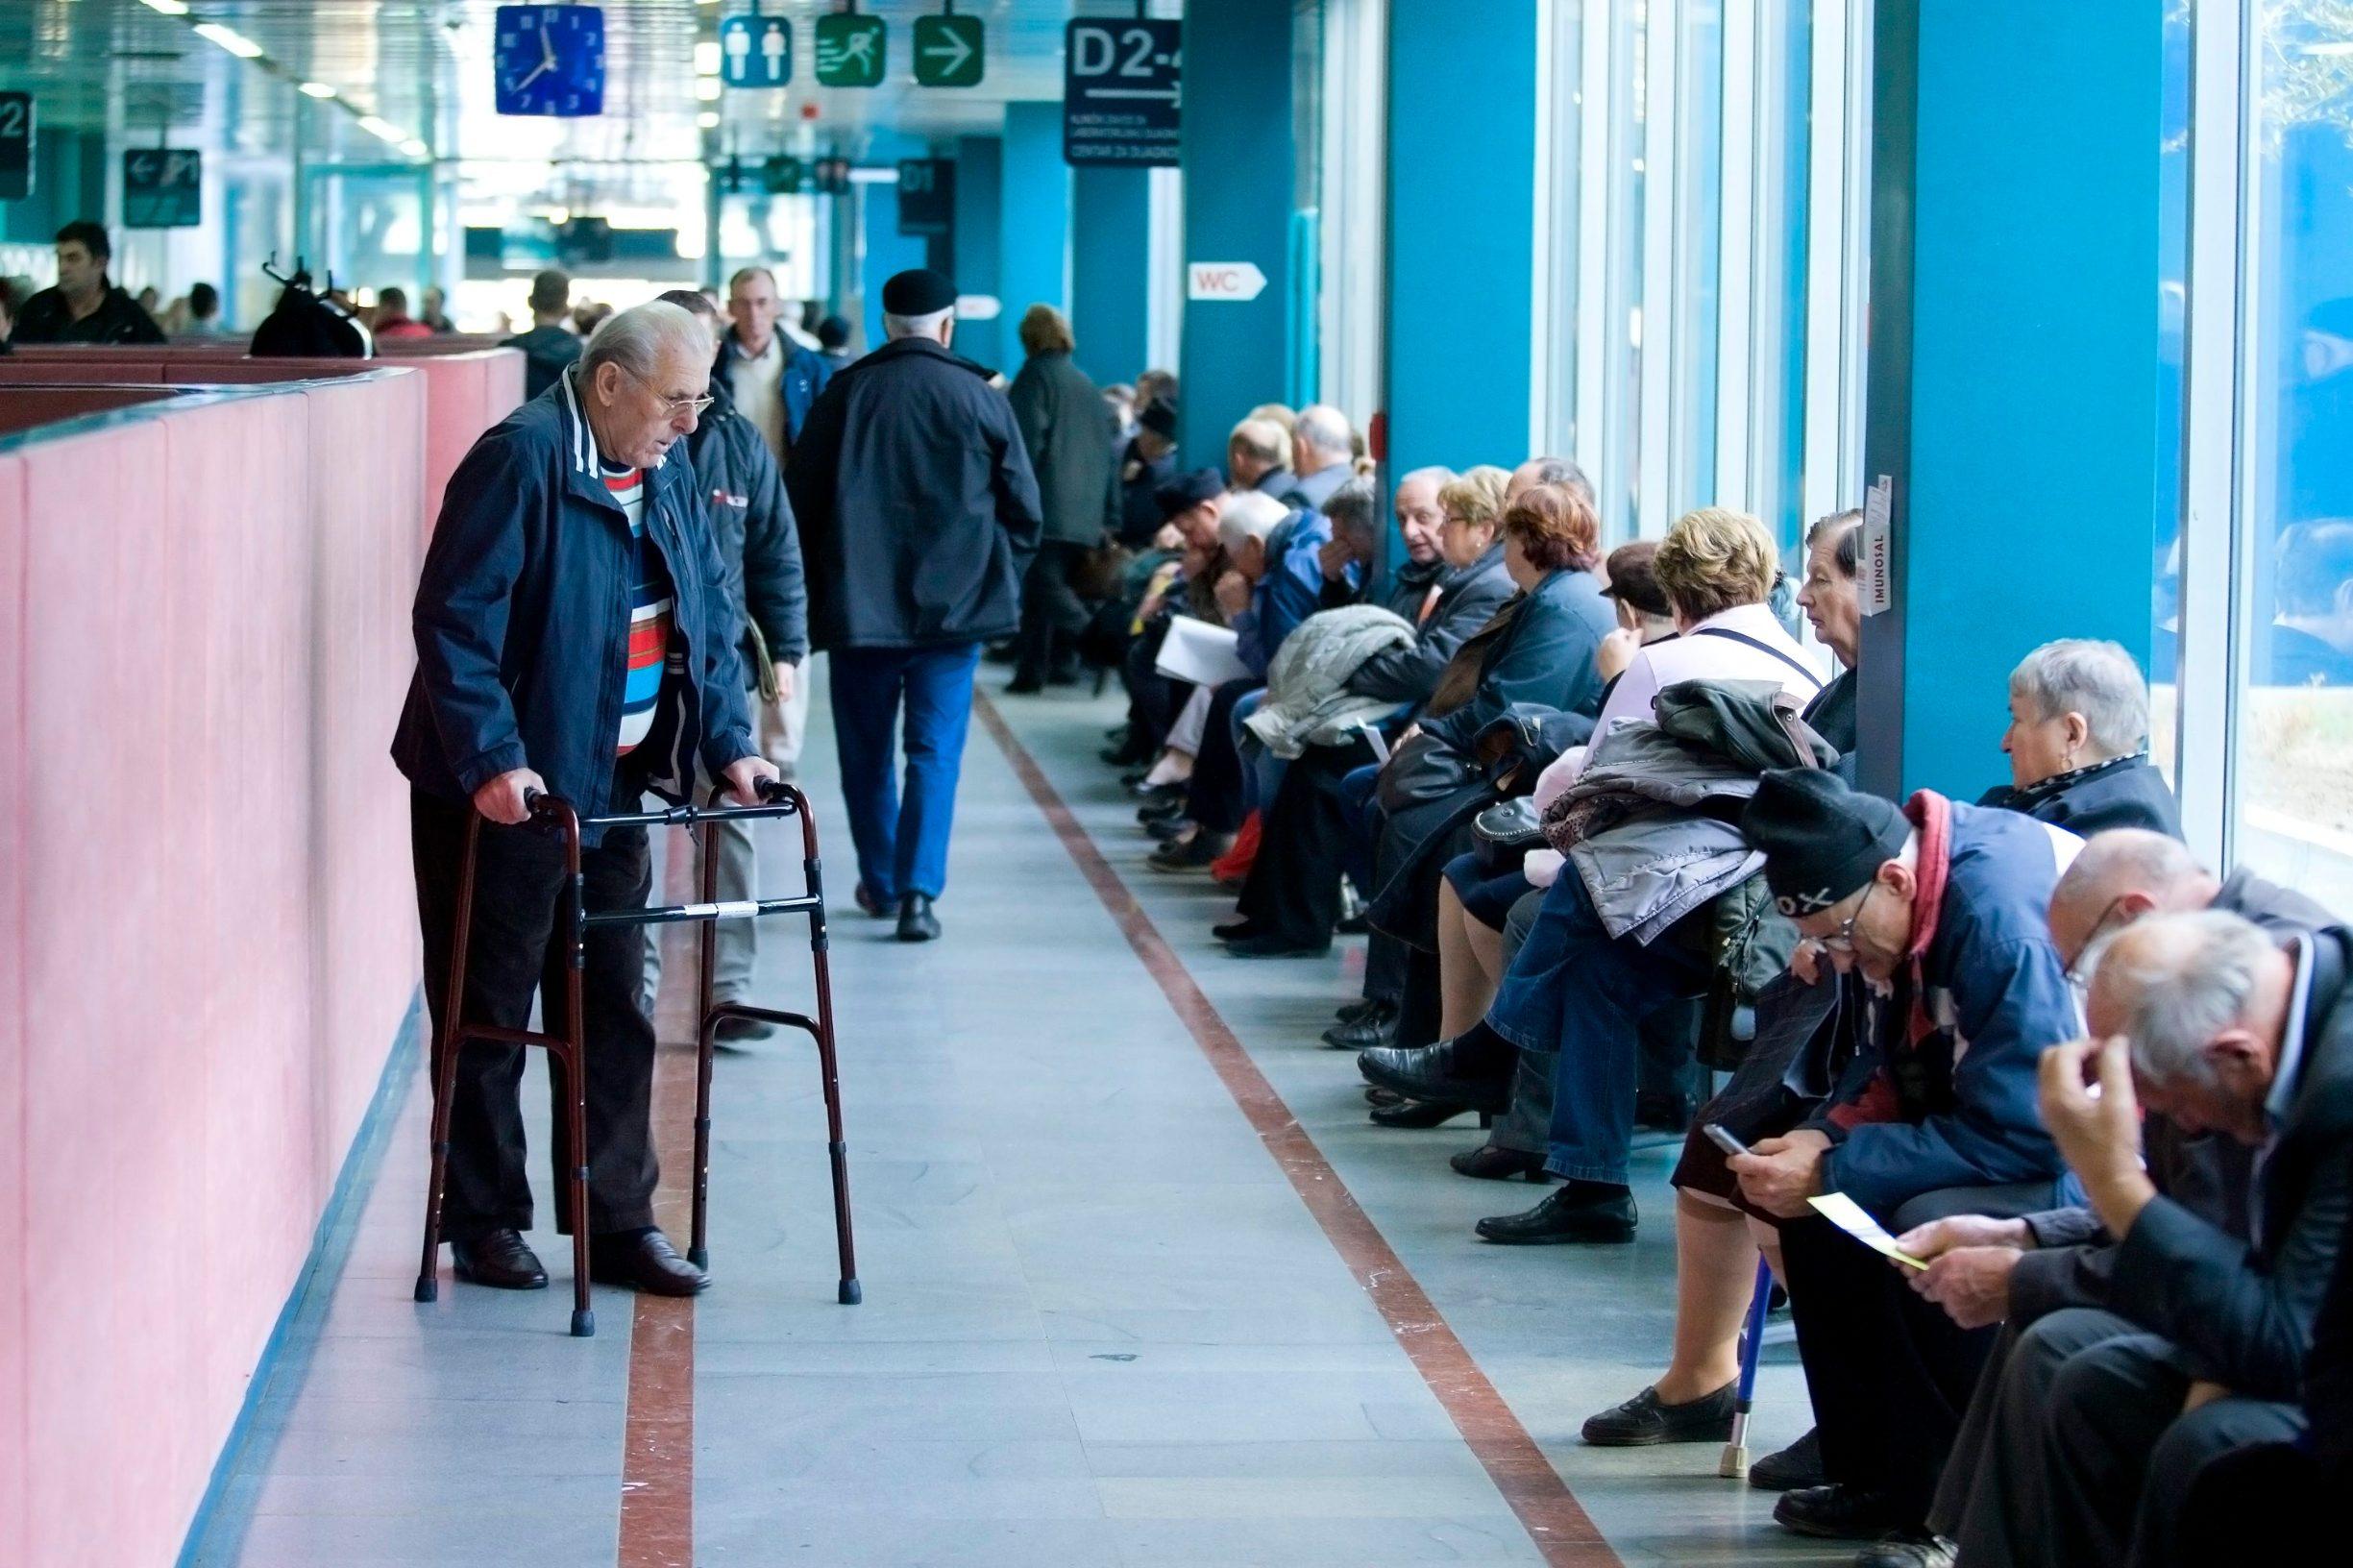 Pacijenti čekaju na red u bolnici